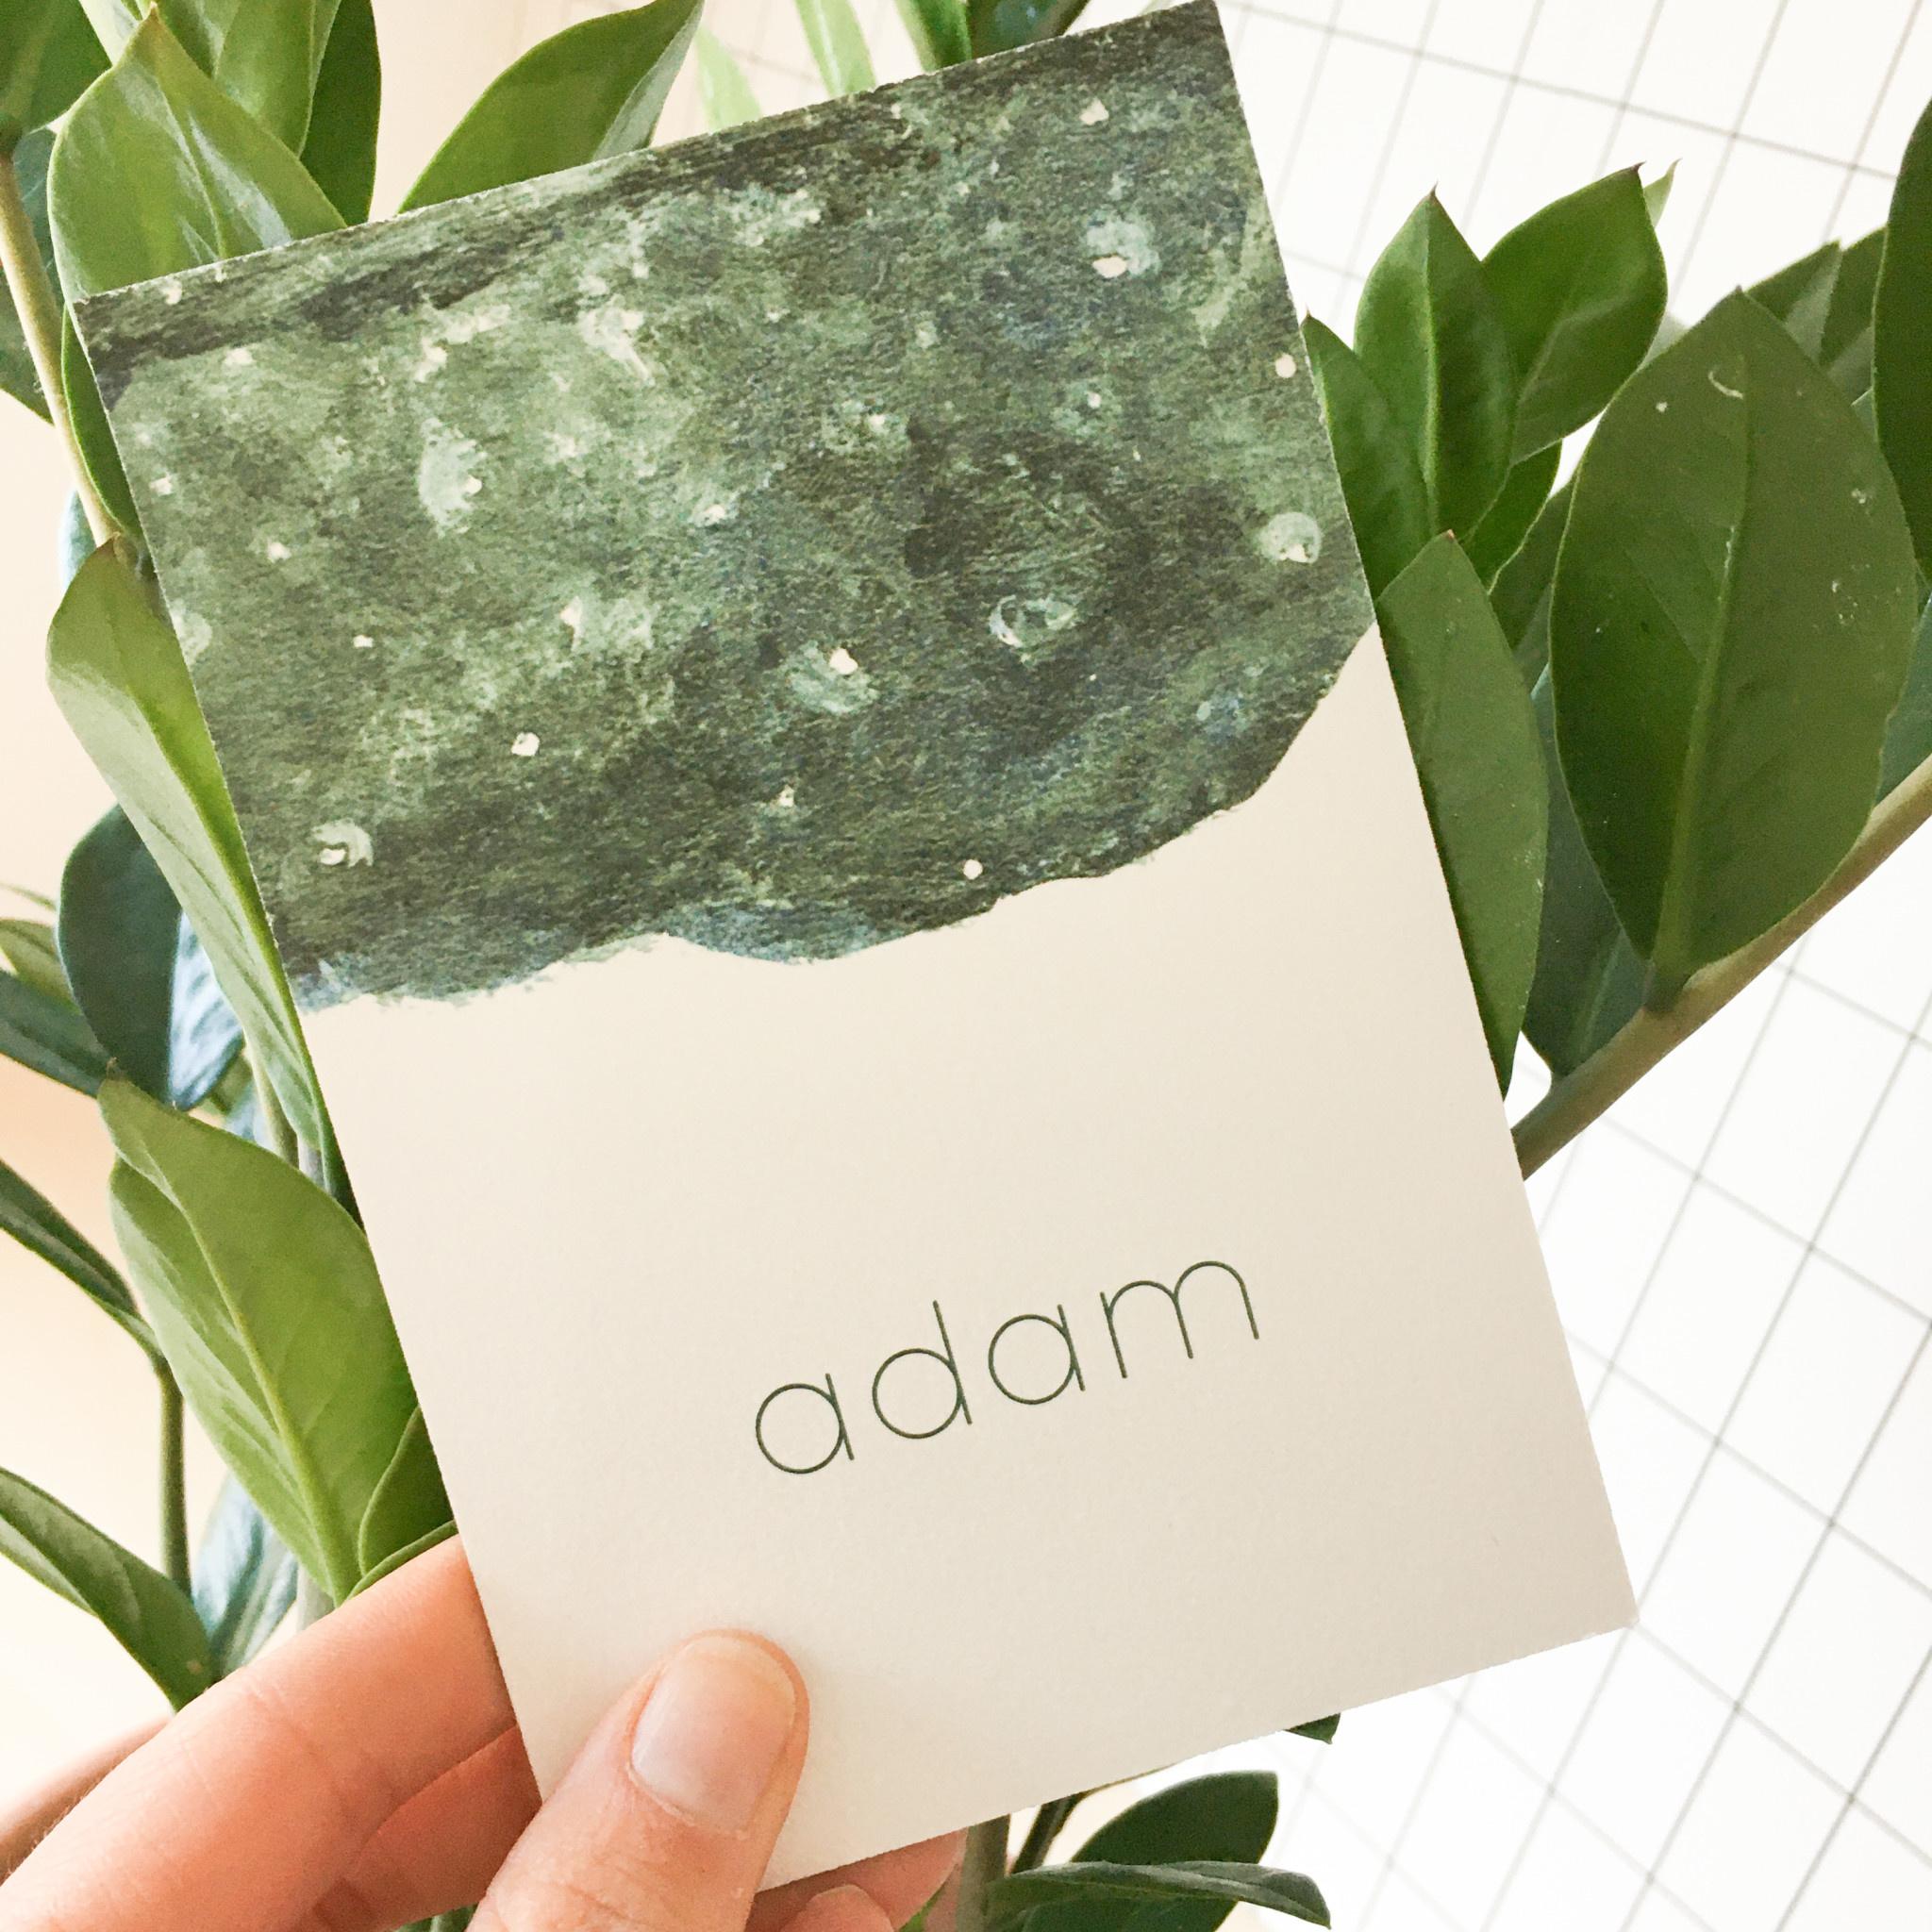 geboren_10-07 Adam